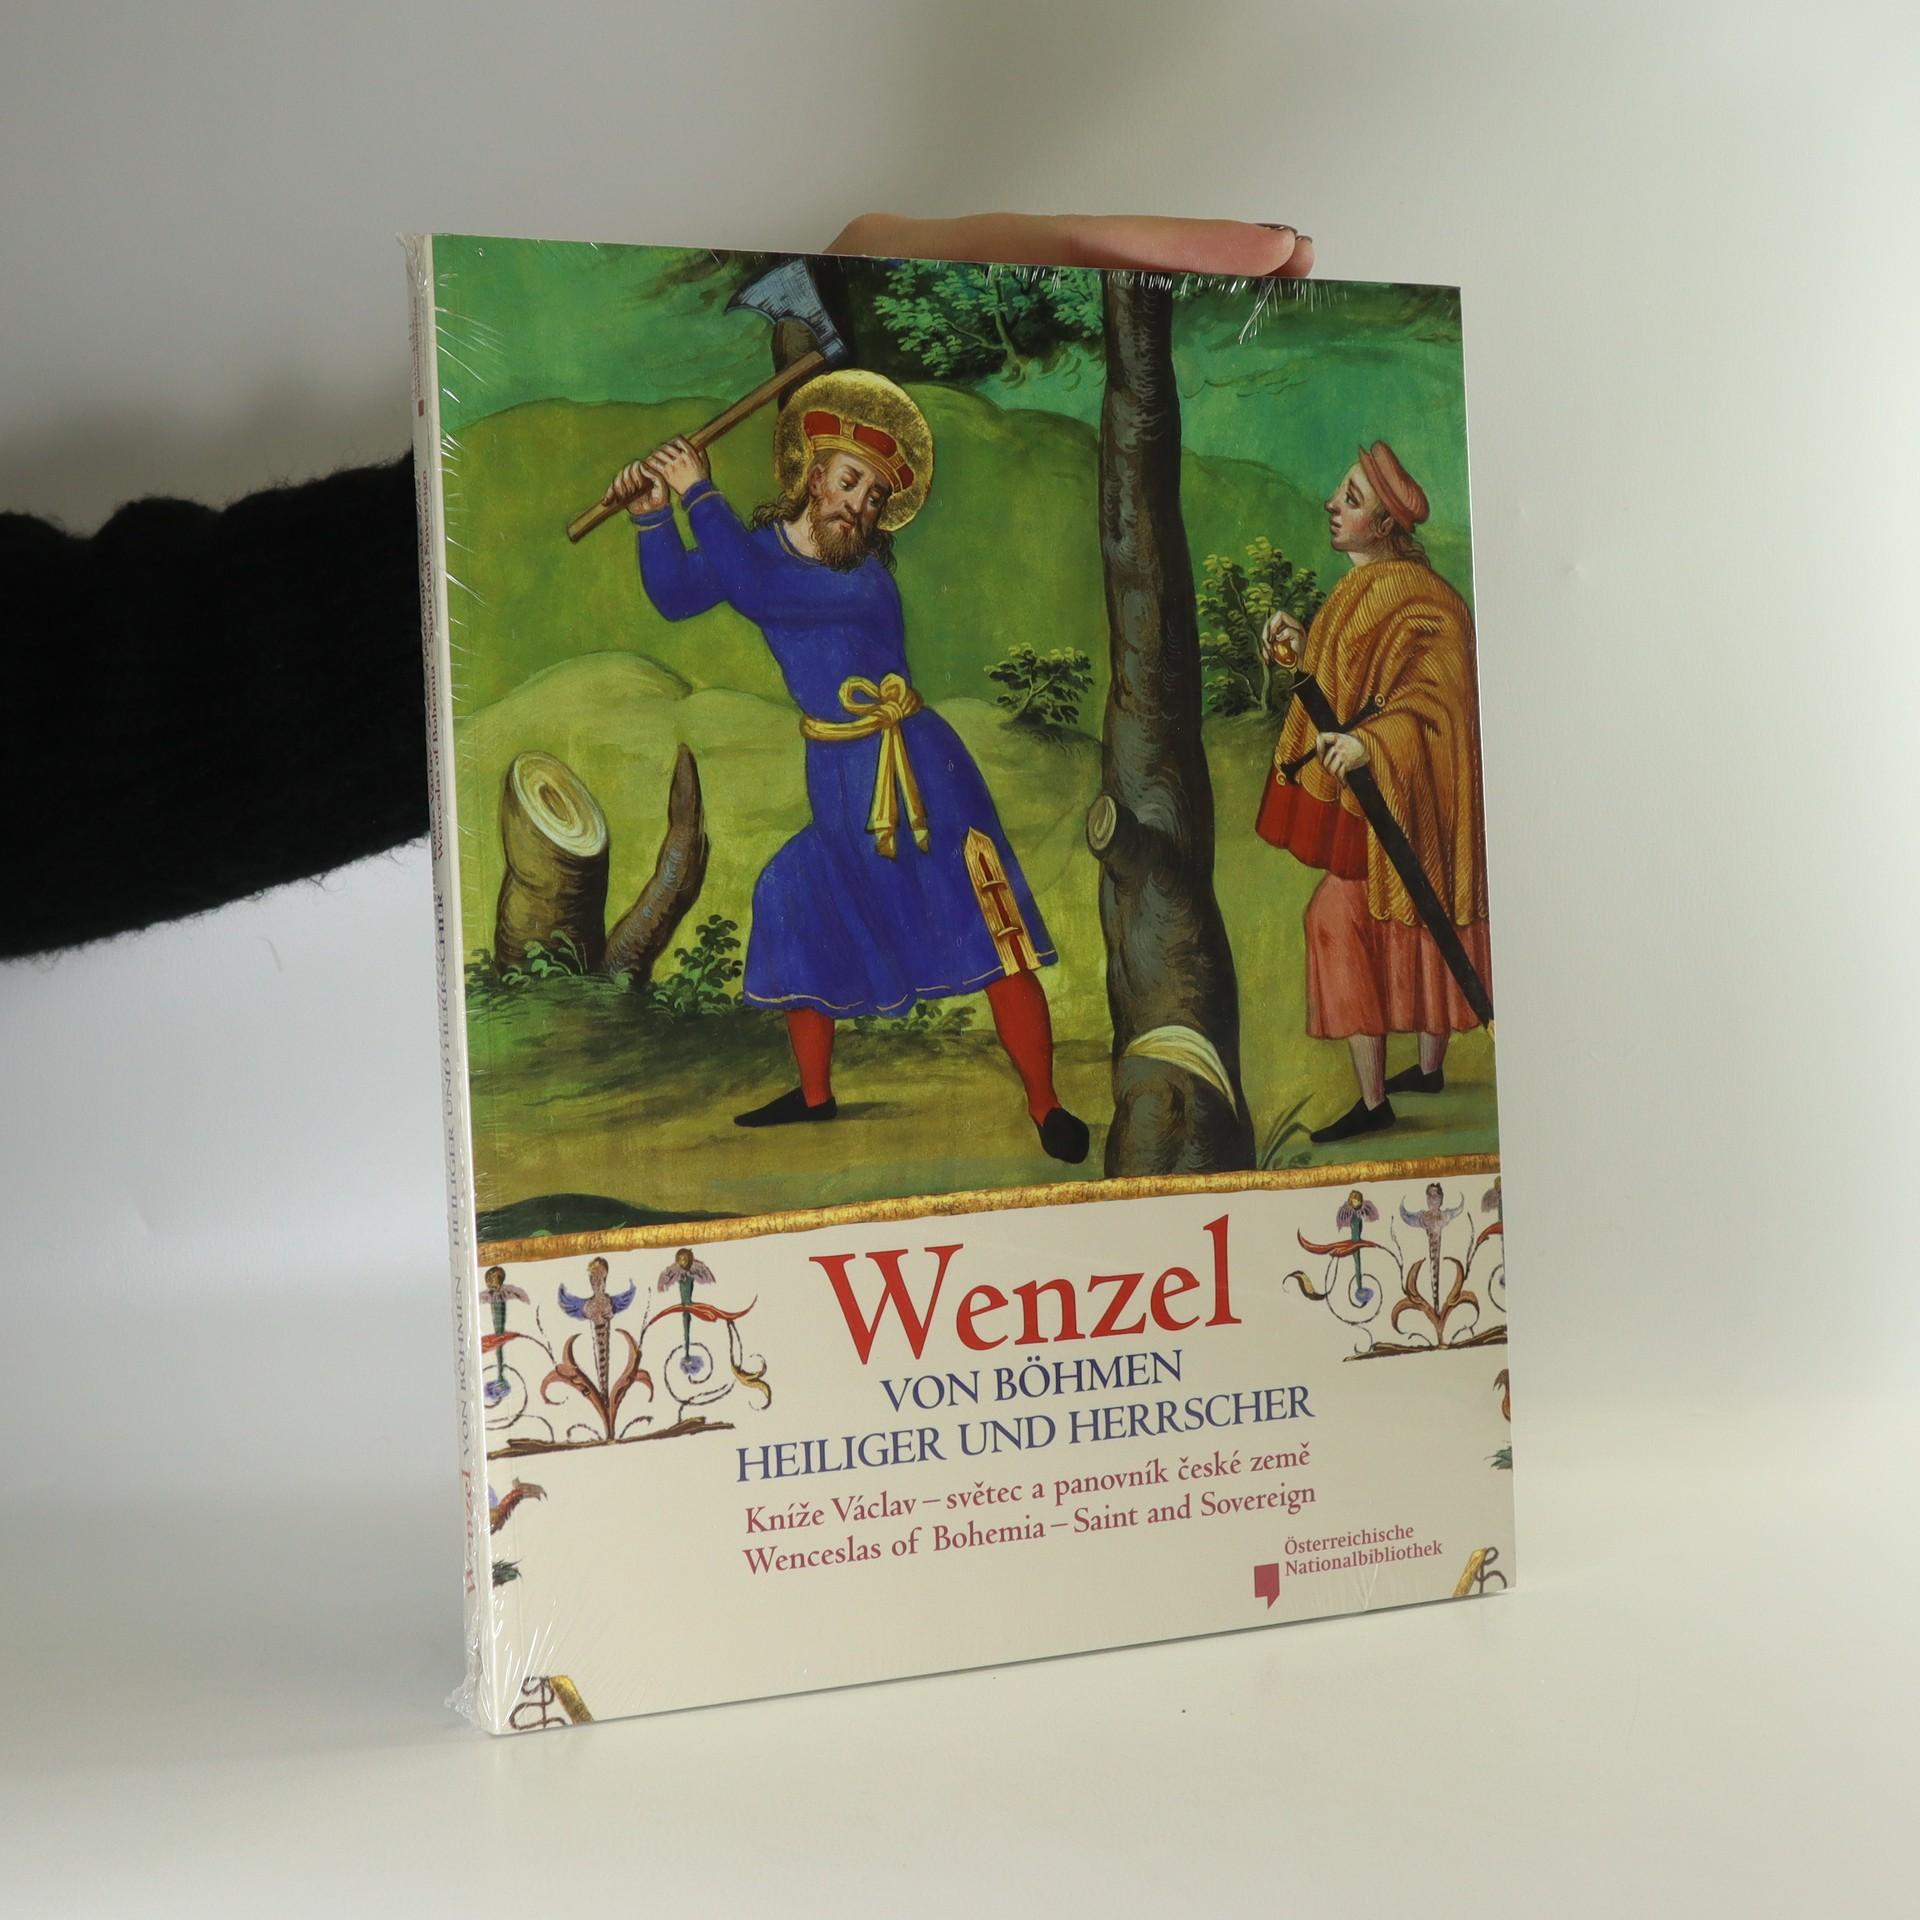 antikvární kniha Wenzel von Bohmen. Heiliger und Herrscher (zabalená kniha), 2009